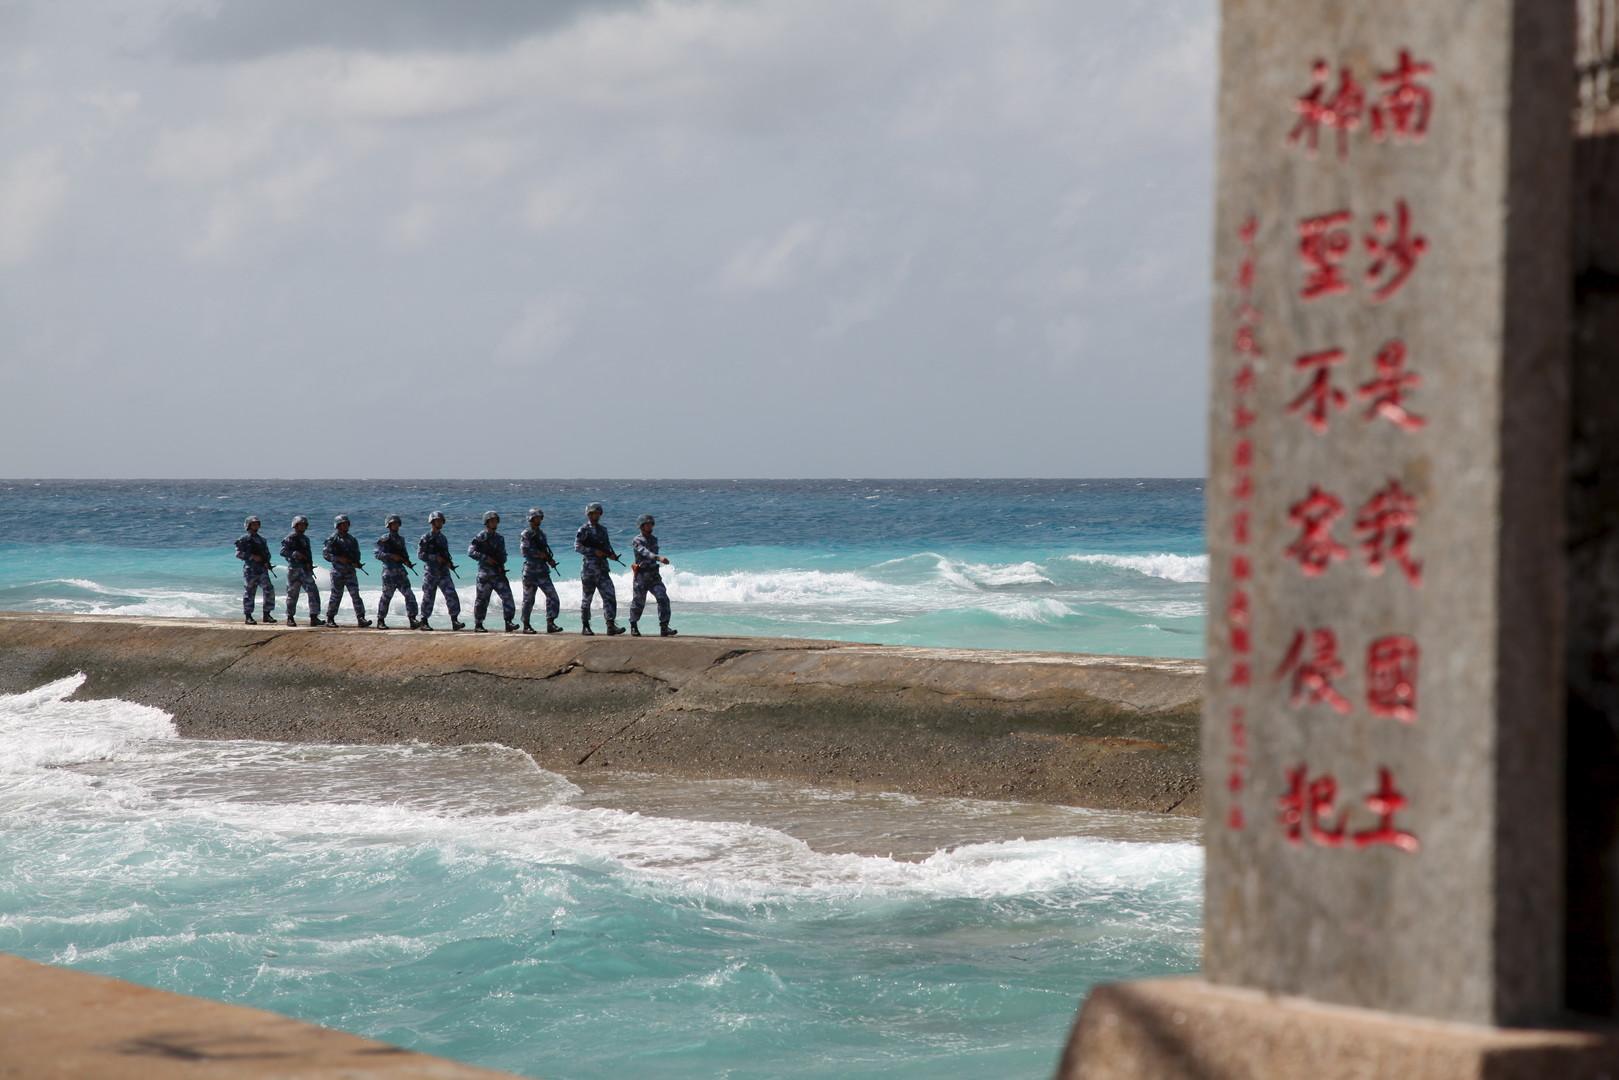 МИД Китая посоветовал США хорошо подумать о позиции по Южно-Китайскому морю